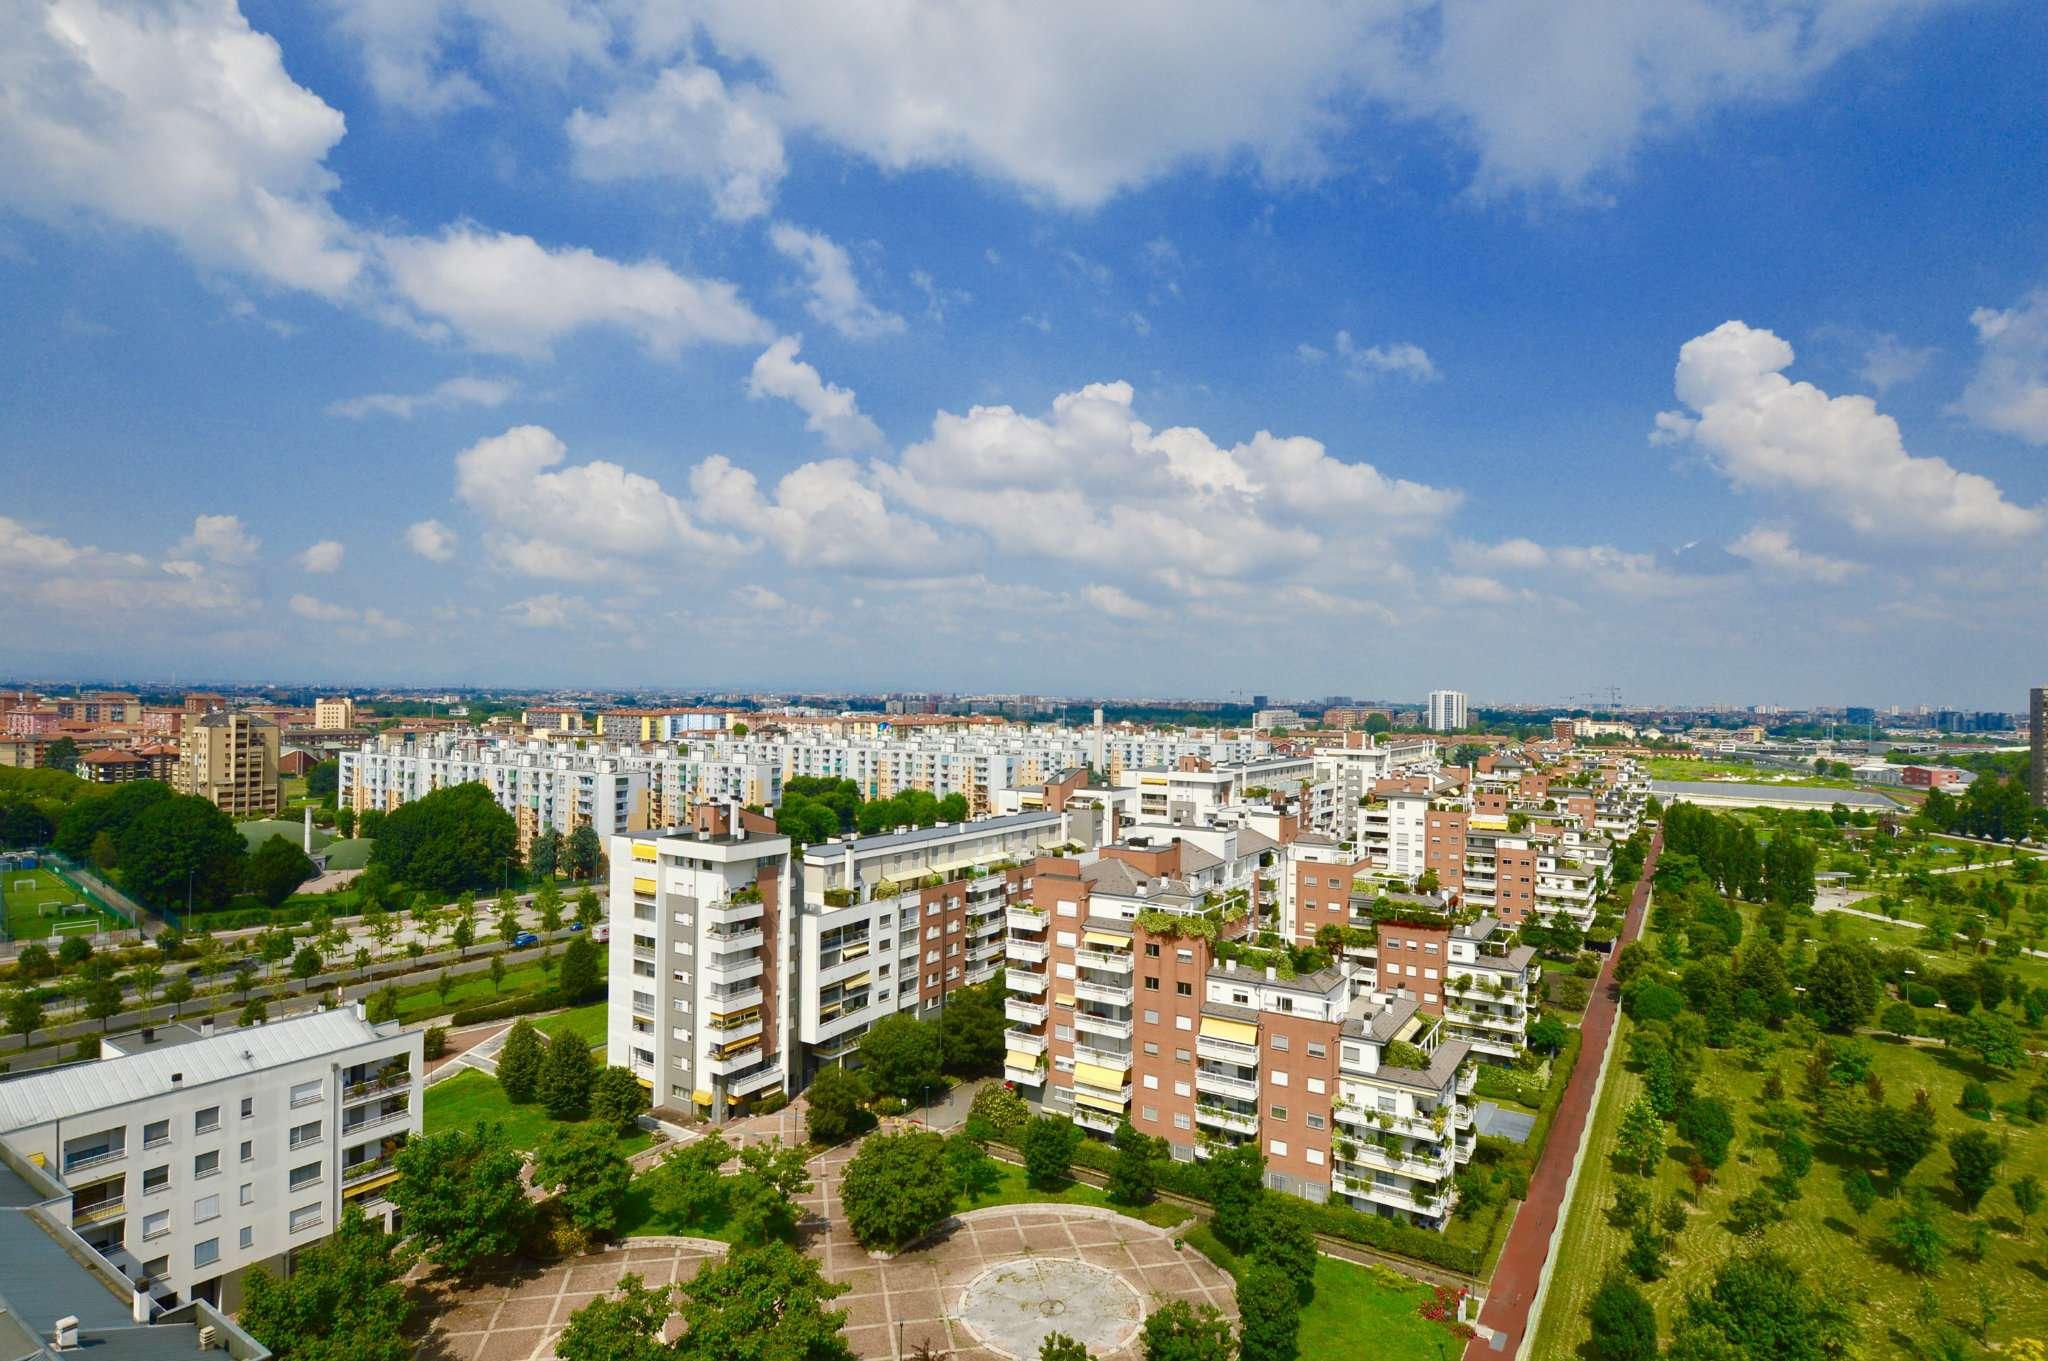 Appartamento in Vendita a Milano 29 Certosa / Bovisa / Dergano / Maciachini / Istria / Testi:  3 locali, 102 mq  - Foto 1